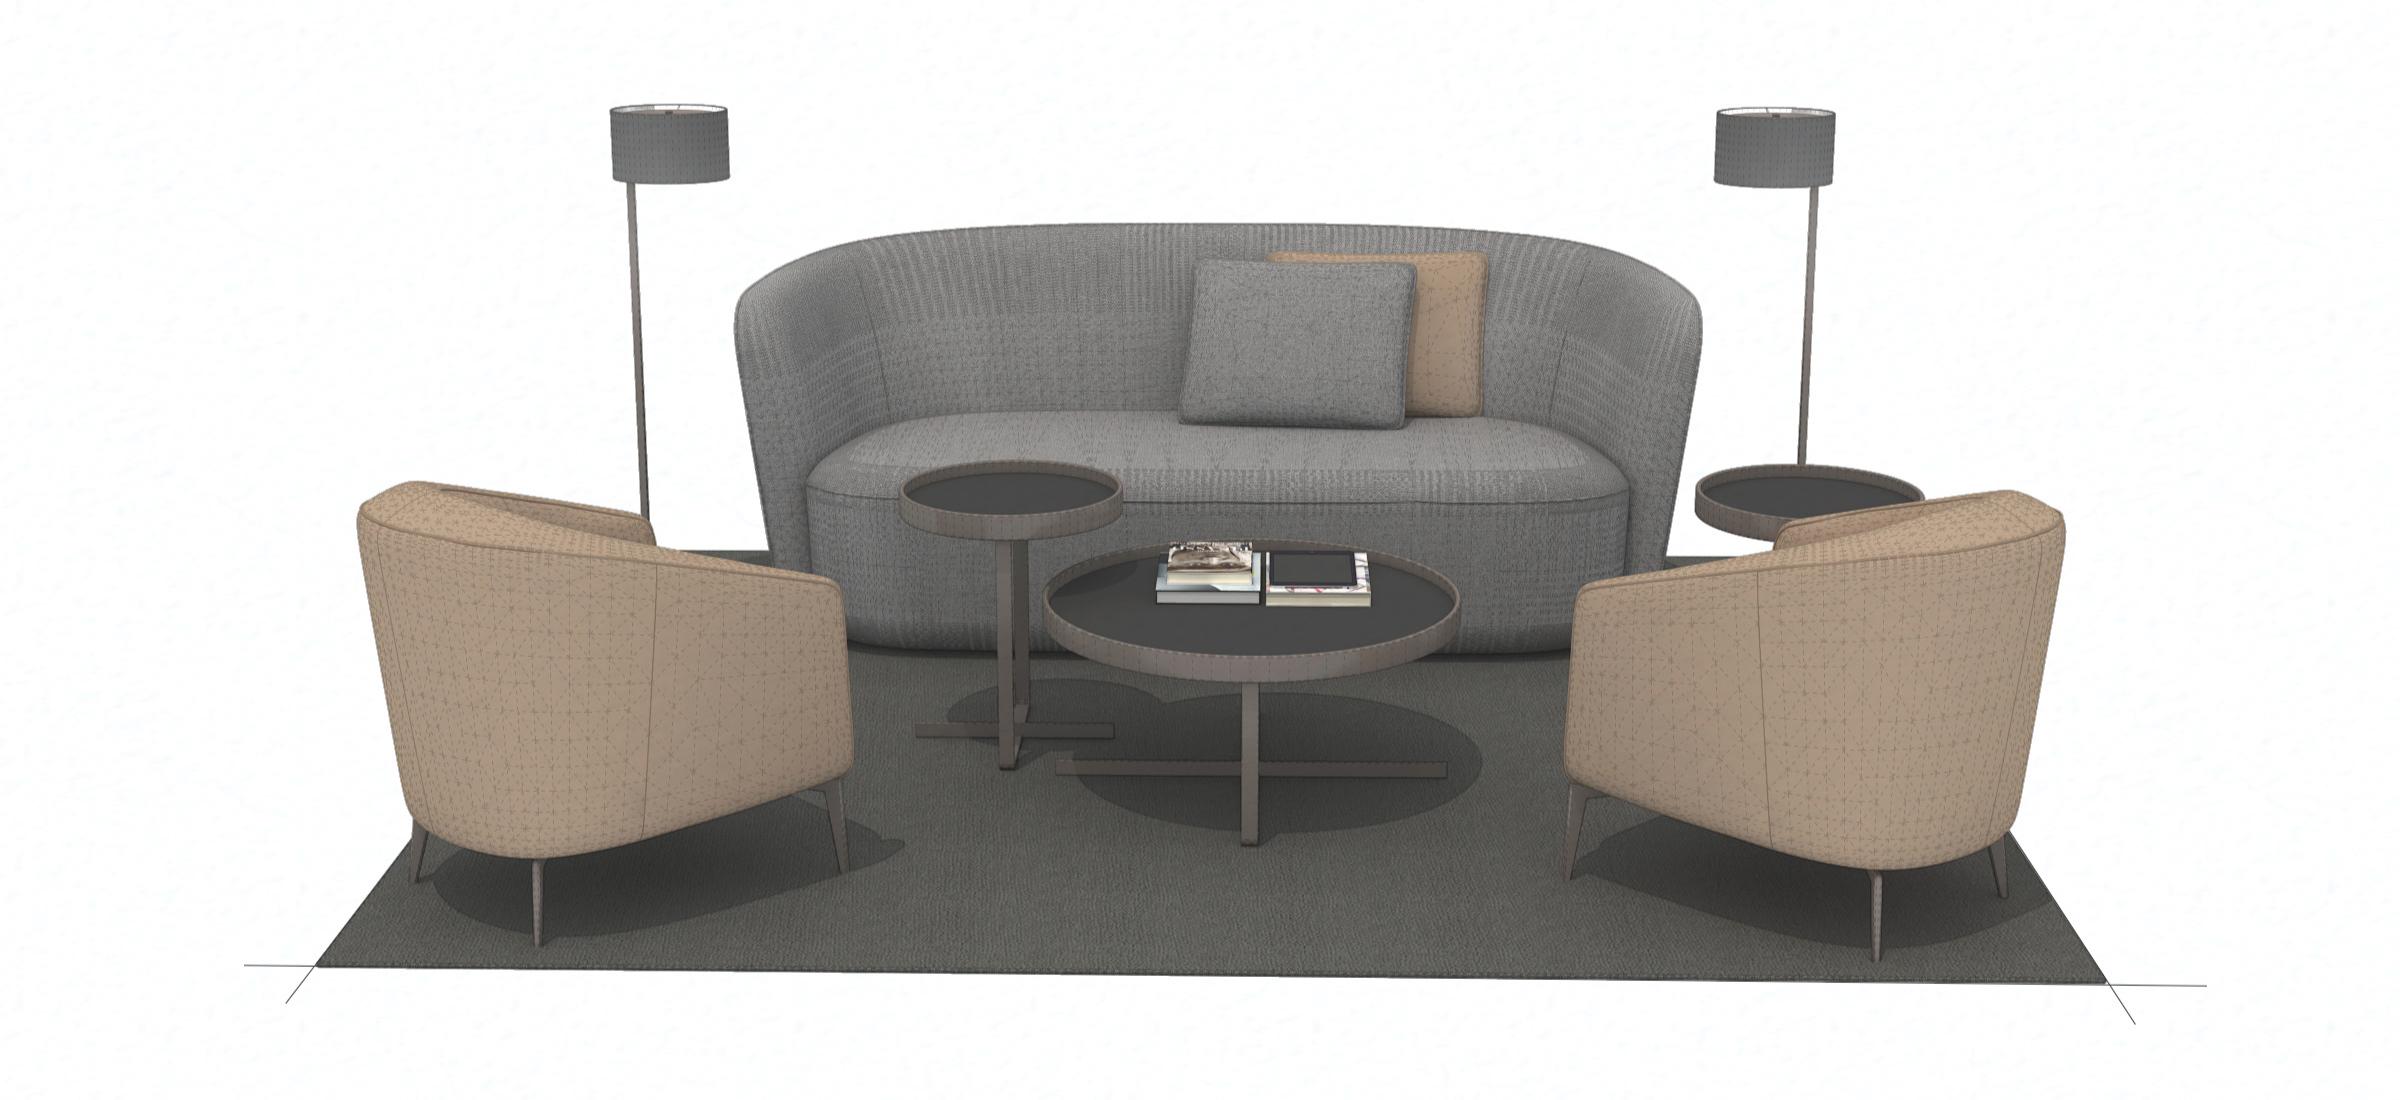 bespoke furniture 3D modeling services